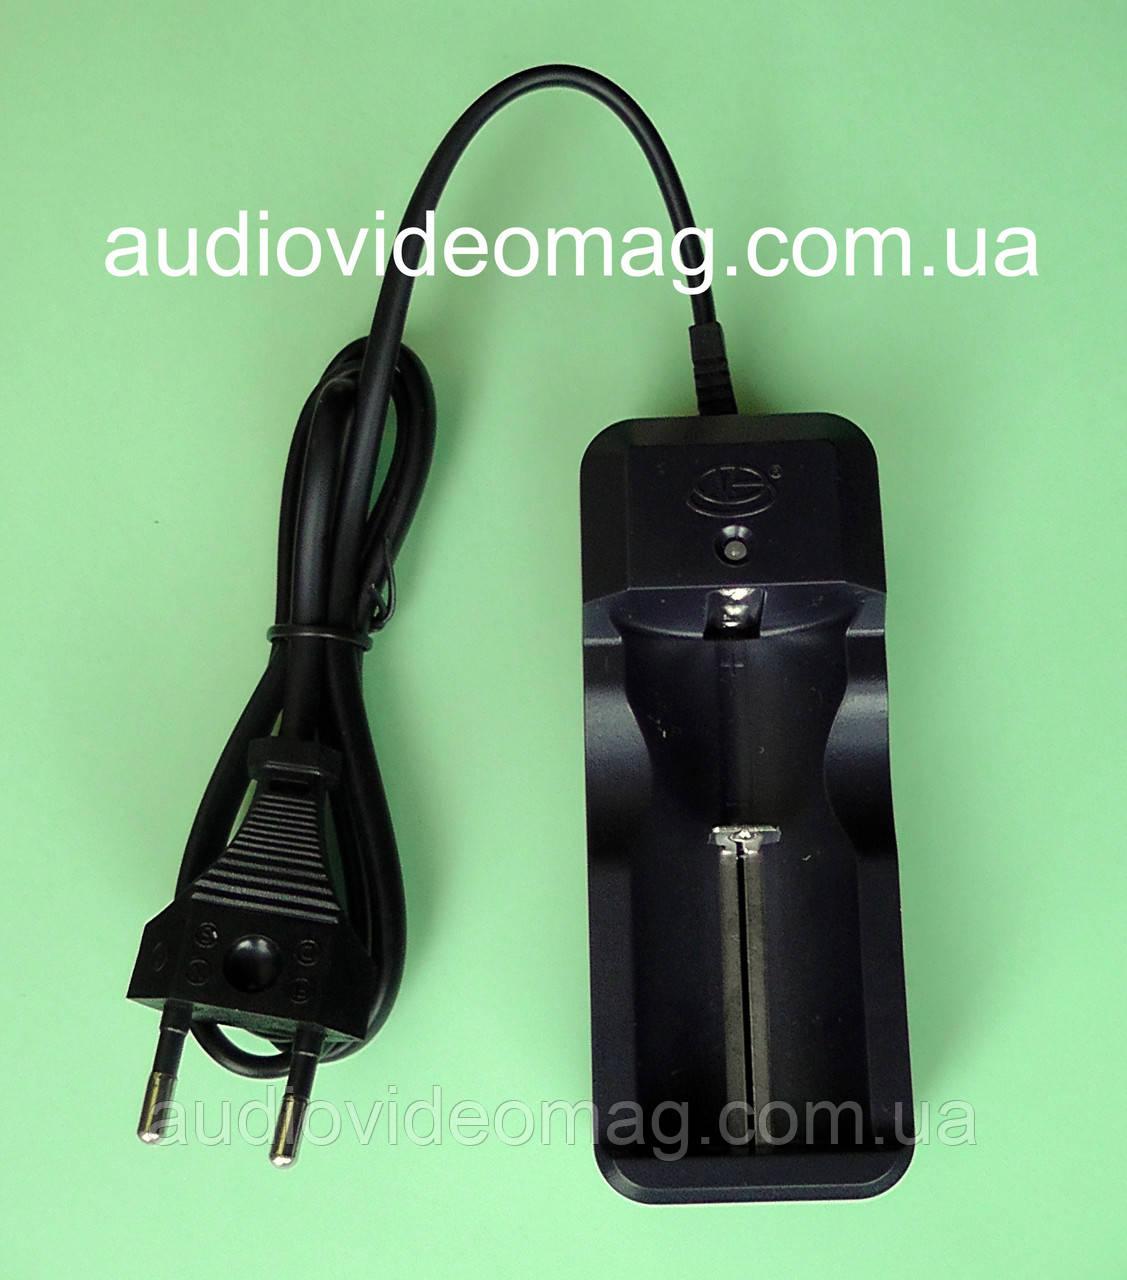 Зарядное устройство 4.2V 450 mA  для  LI-ion аккумуляторов 18650 и других размеров